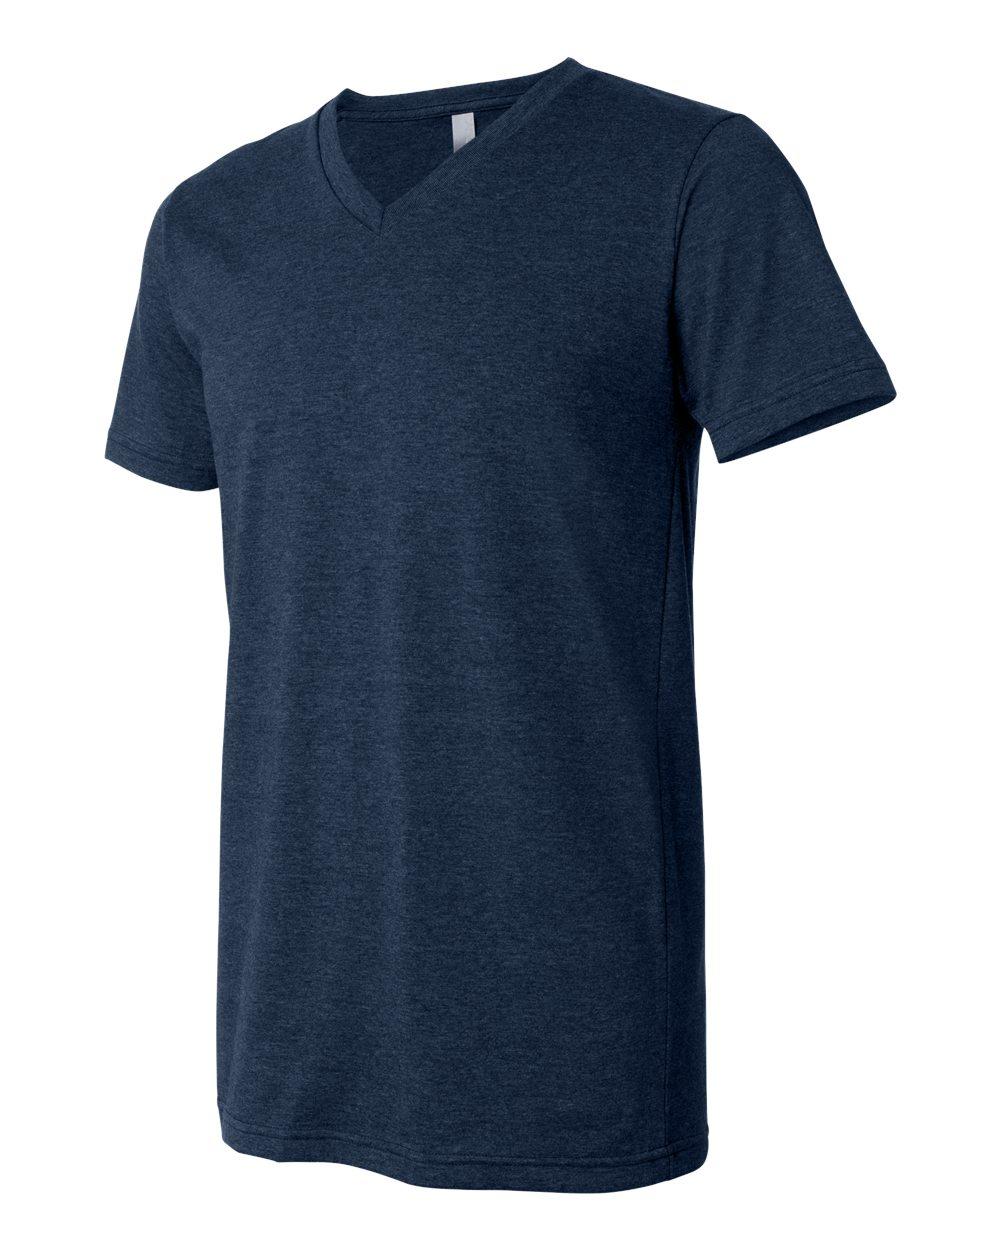 Bella-Canvas-Men-039-s-Jersey-Short-Sleeve-V-Neck-T-Shirt-3005-XS-3XL thumbnail 64